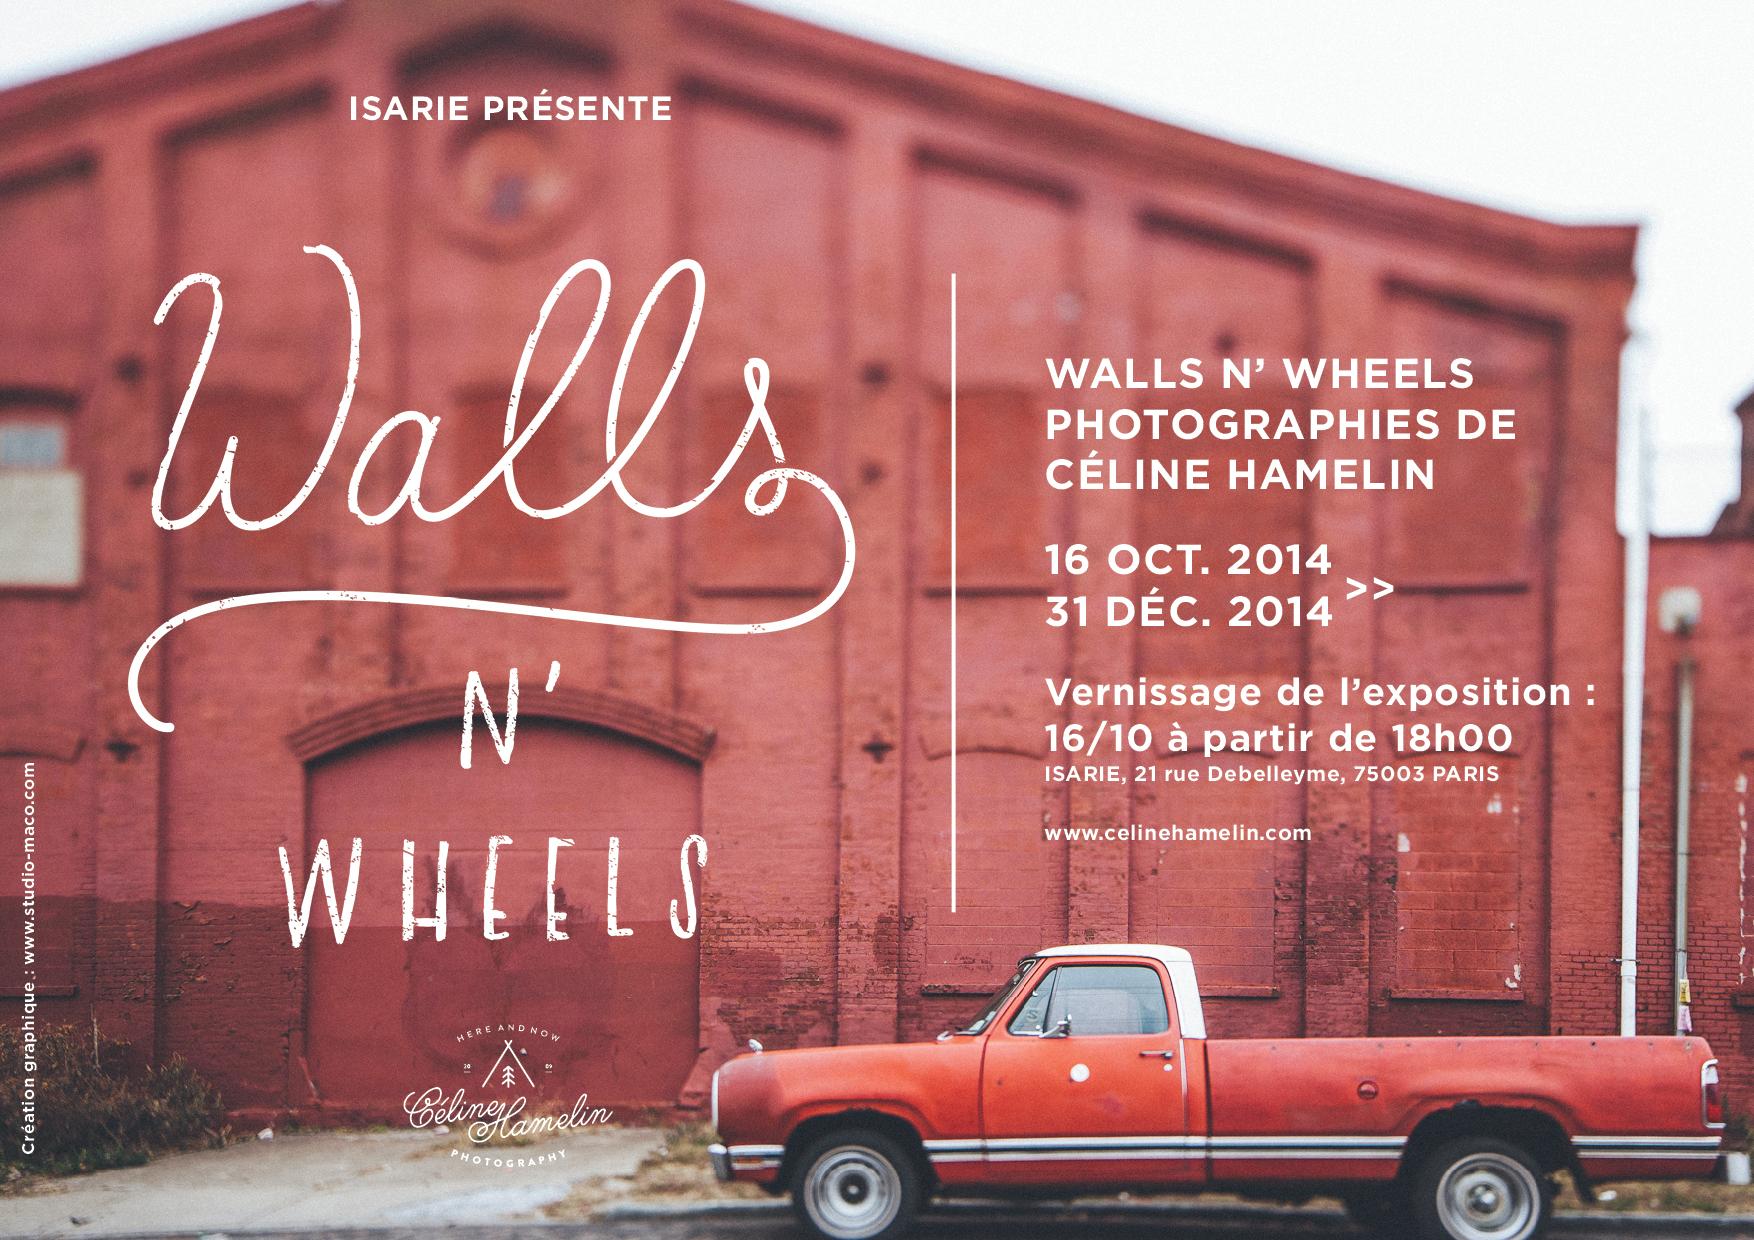 Celine Hamelin – Walls 'n Wheels